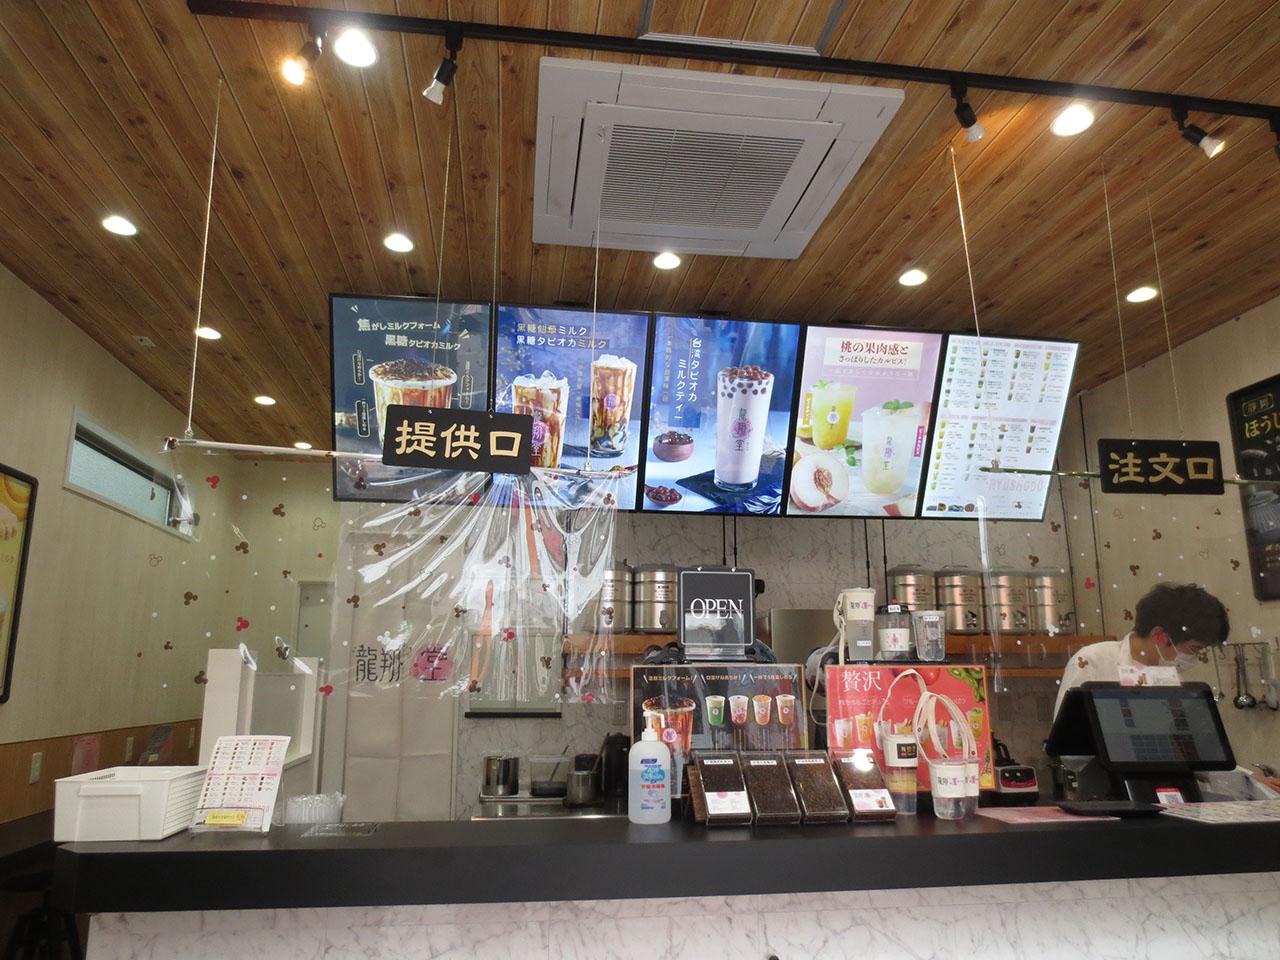 店内に貼られた焦がしミルクフォーム黒糖タピオカミルクの写真メニュー